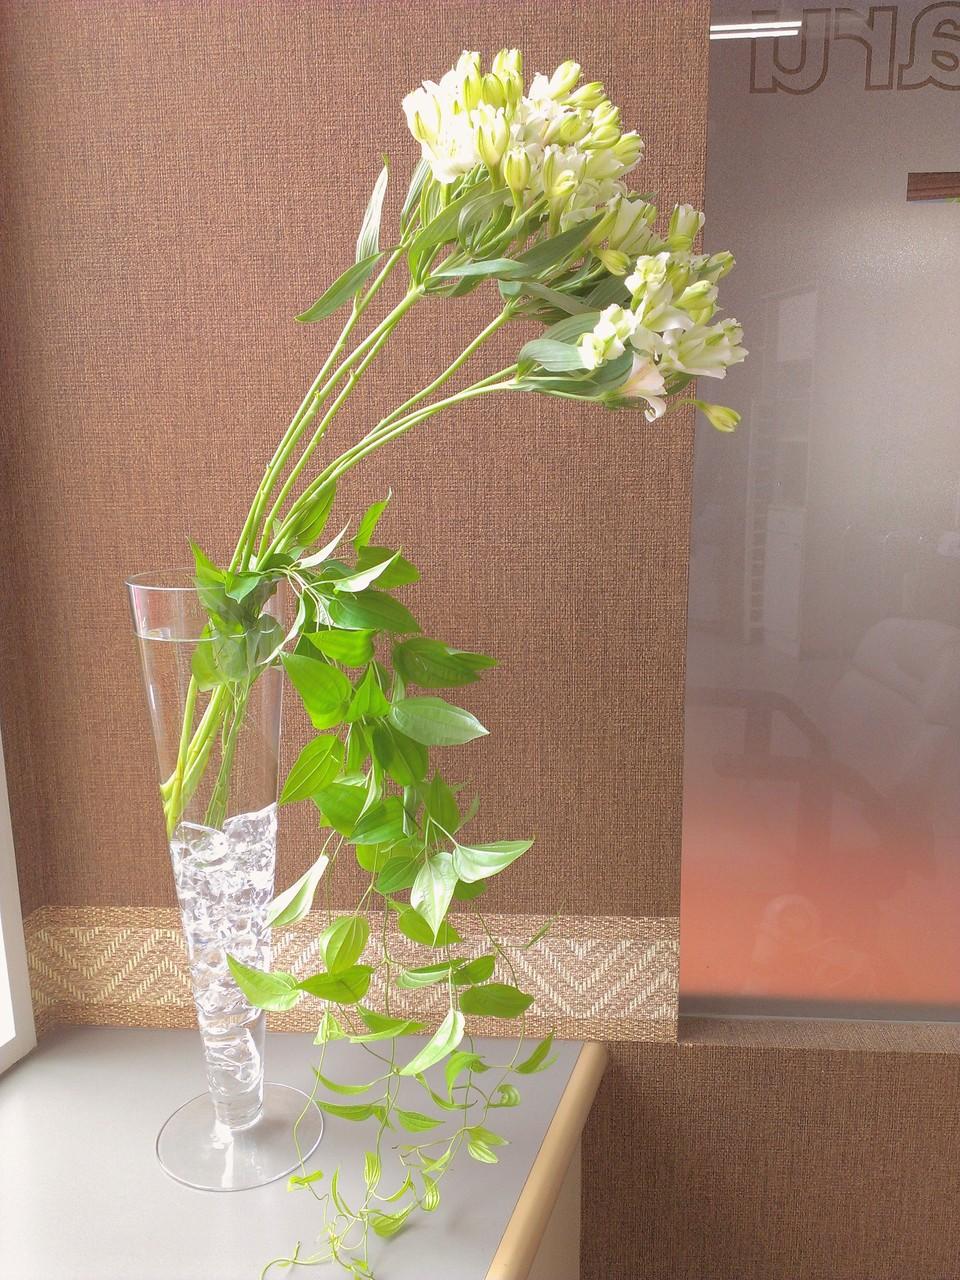 """2014.08.21 アルストロメリア キッス、利休草 ・首を伸ばしたように見える白くて沢山の蕾に囲まれているお花がアルストロメリア キッスで、花瓶から飛び出した蔓が逃げるように下に伸びているのが利休草です。アルストロメリアは非常に長持ちするお花として可憐な様を長く楽しむ事が出来るそうです。又、利休草も涼しさを感じさせる植物ですよね。""""残暑に負けない""""夏のアレンジメントをお楽しみ下さい。花言葉:アルストロメリア キッス【凛々しさ・エキゾチック・やわらかな気配り】、利休草【奥ゆかしさ、清廉、先見の明】"""